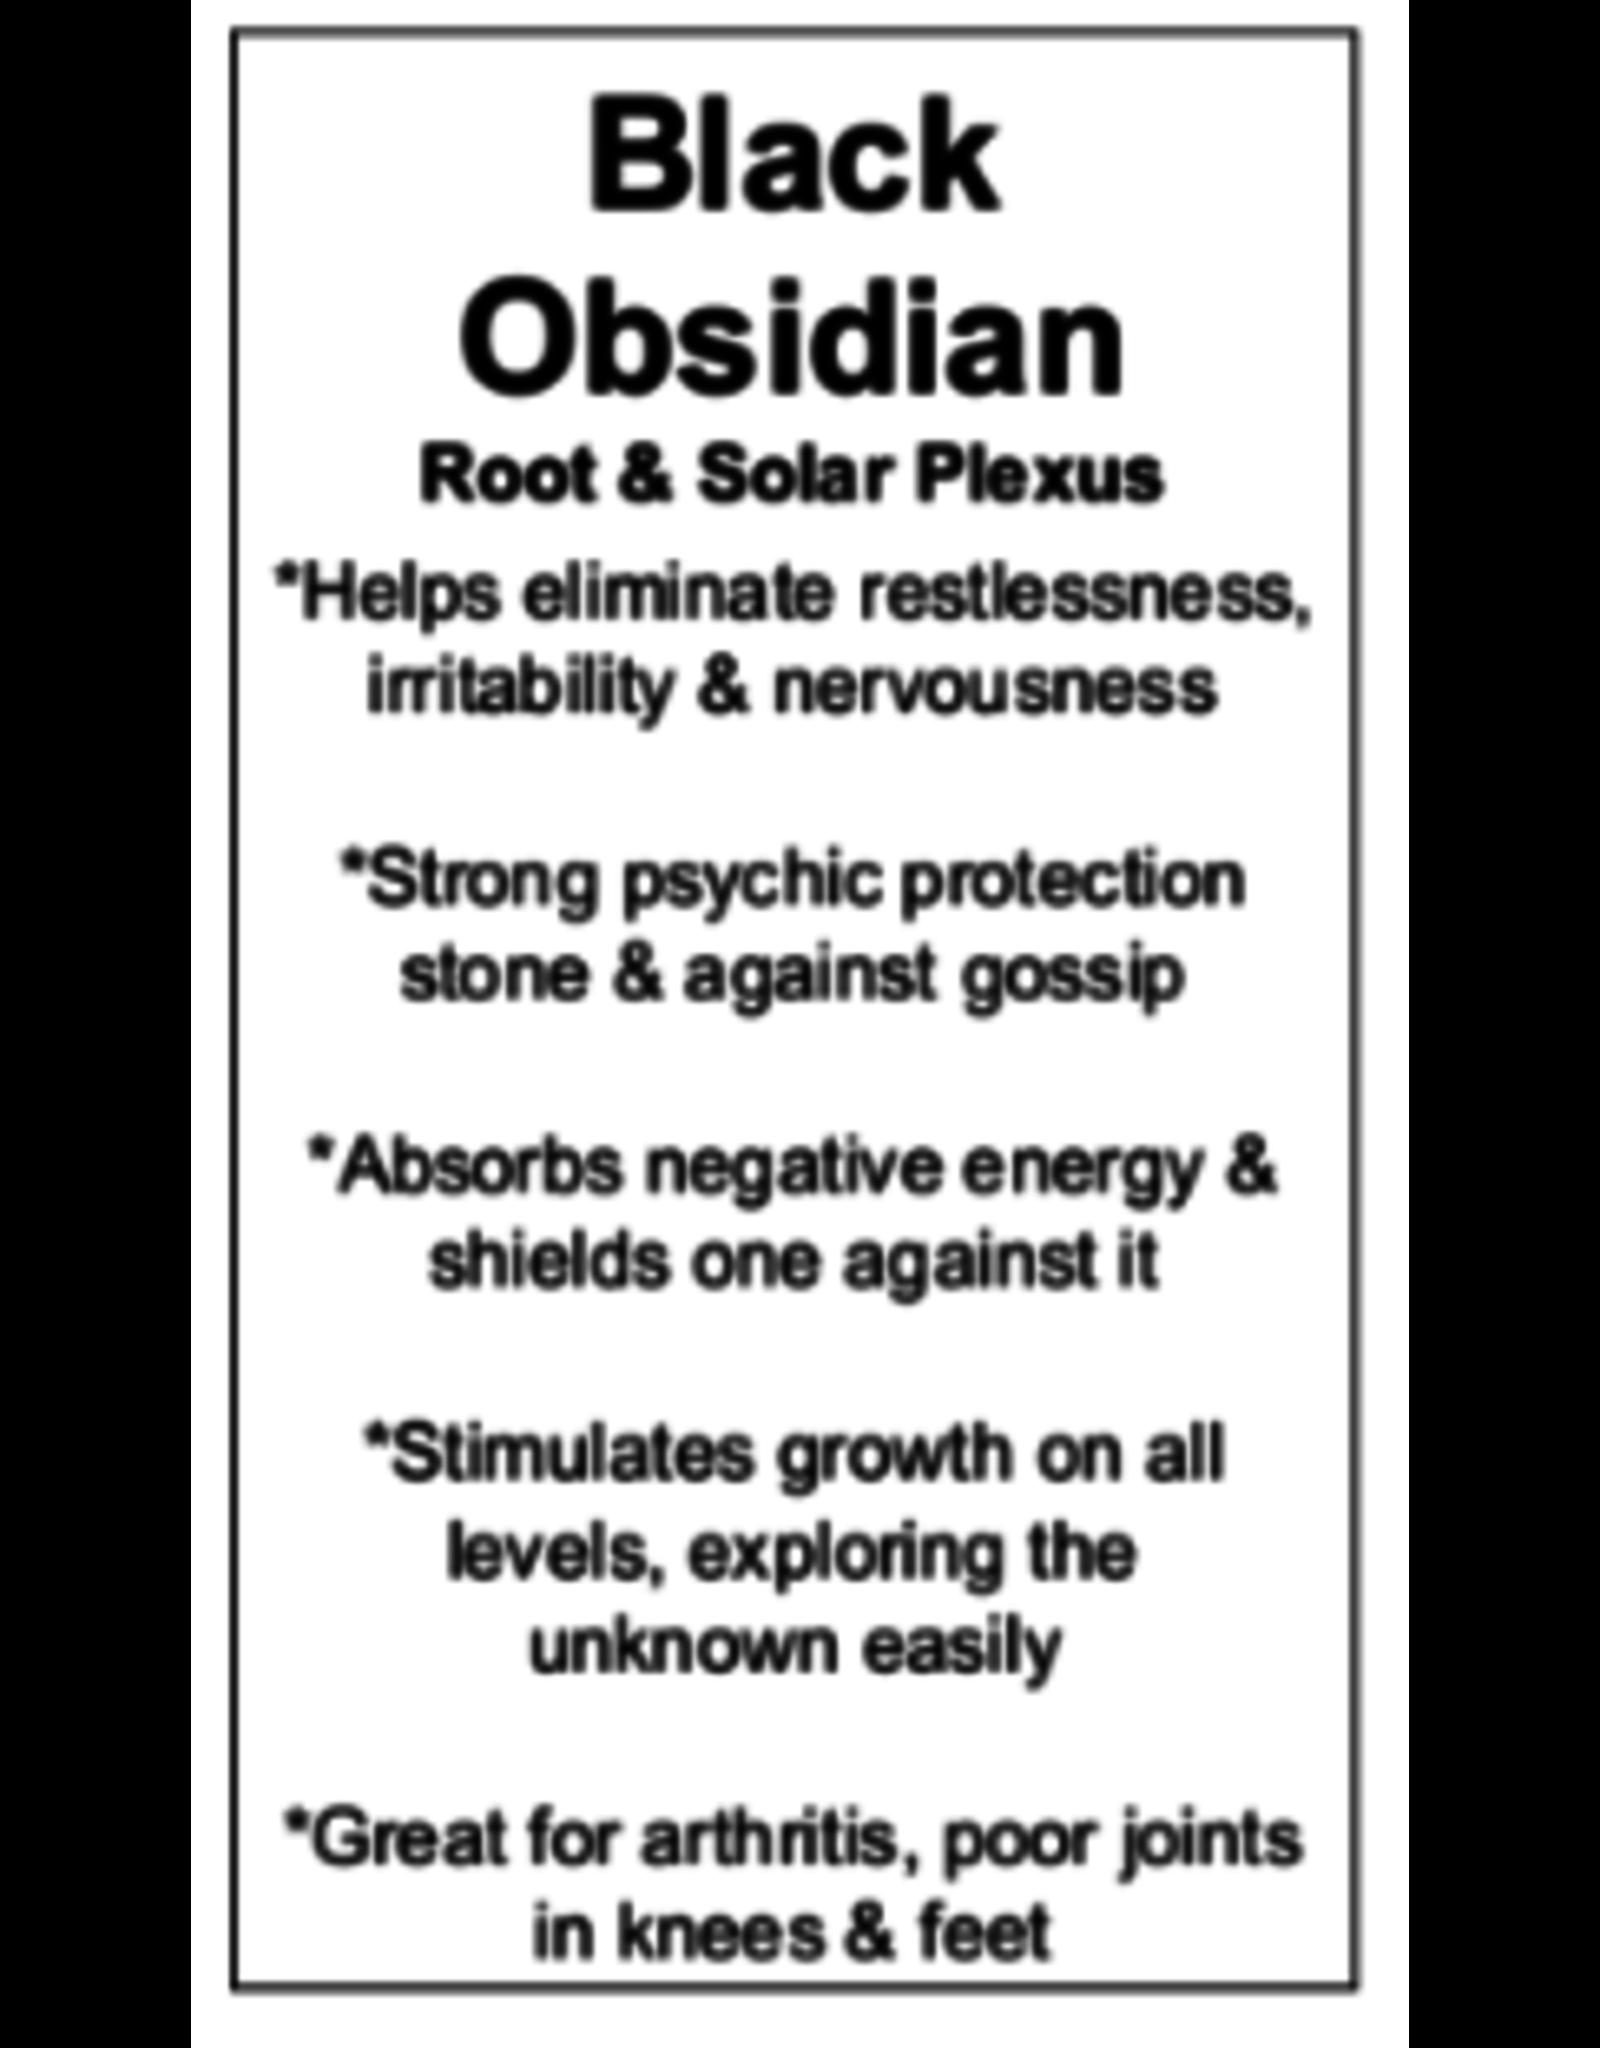 Black Obsidian Face/Facial Massage Roller